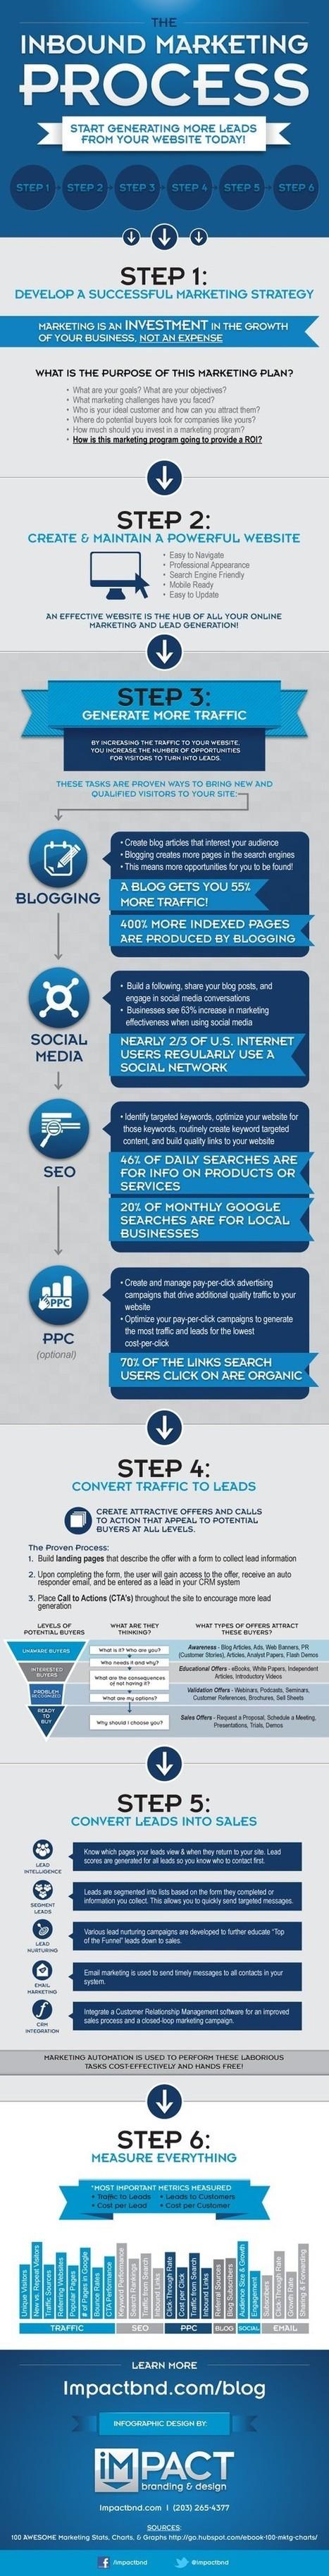 The inbound marketing process [infographic] | Inbound marketing | Scoop.it